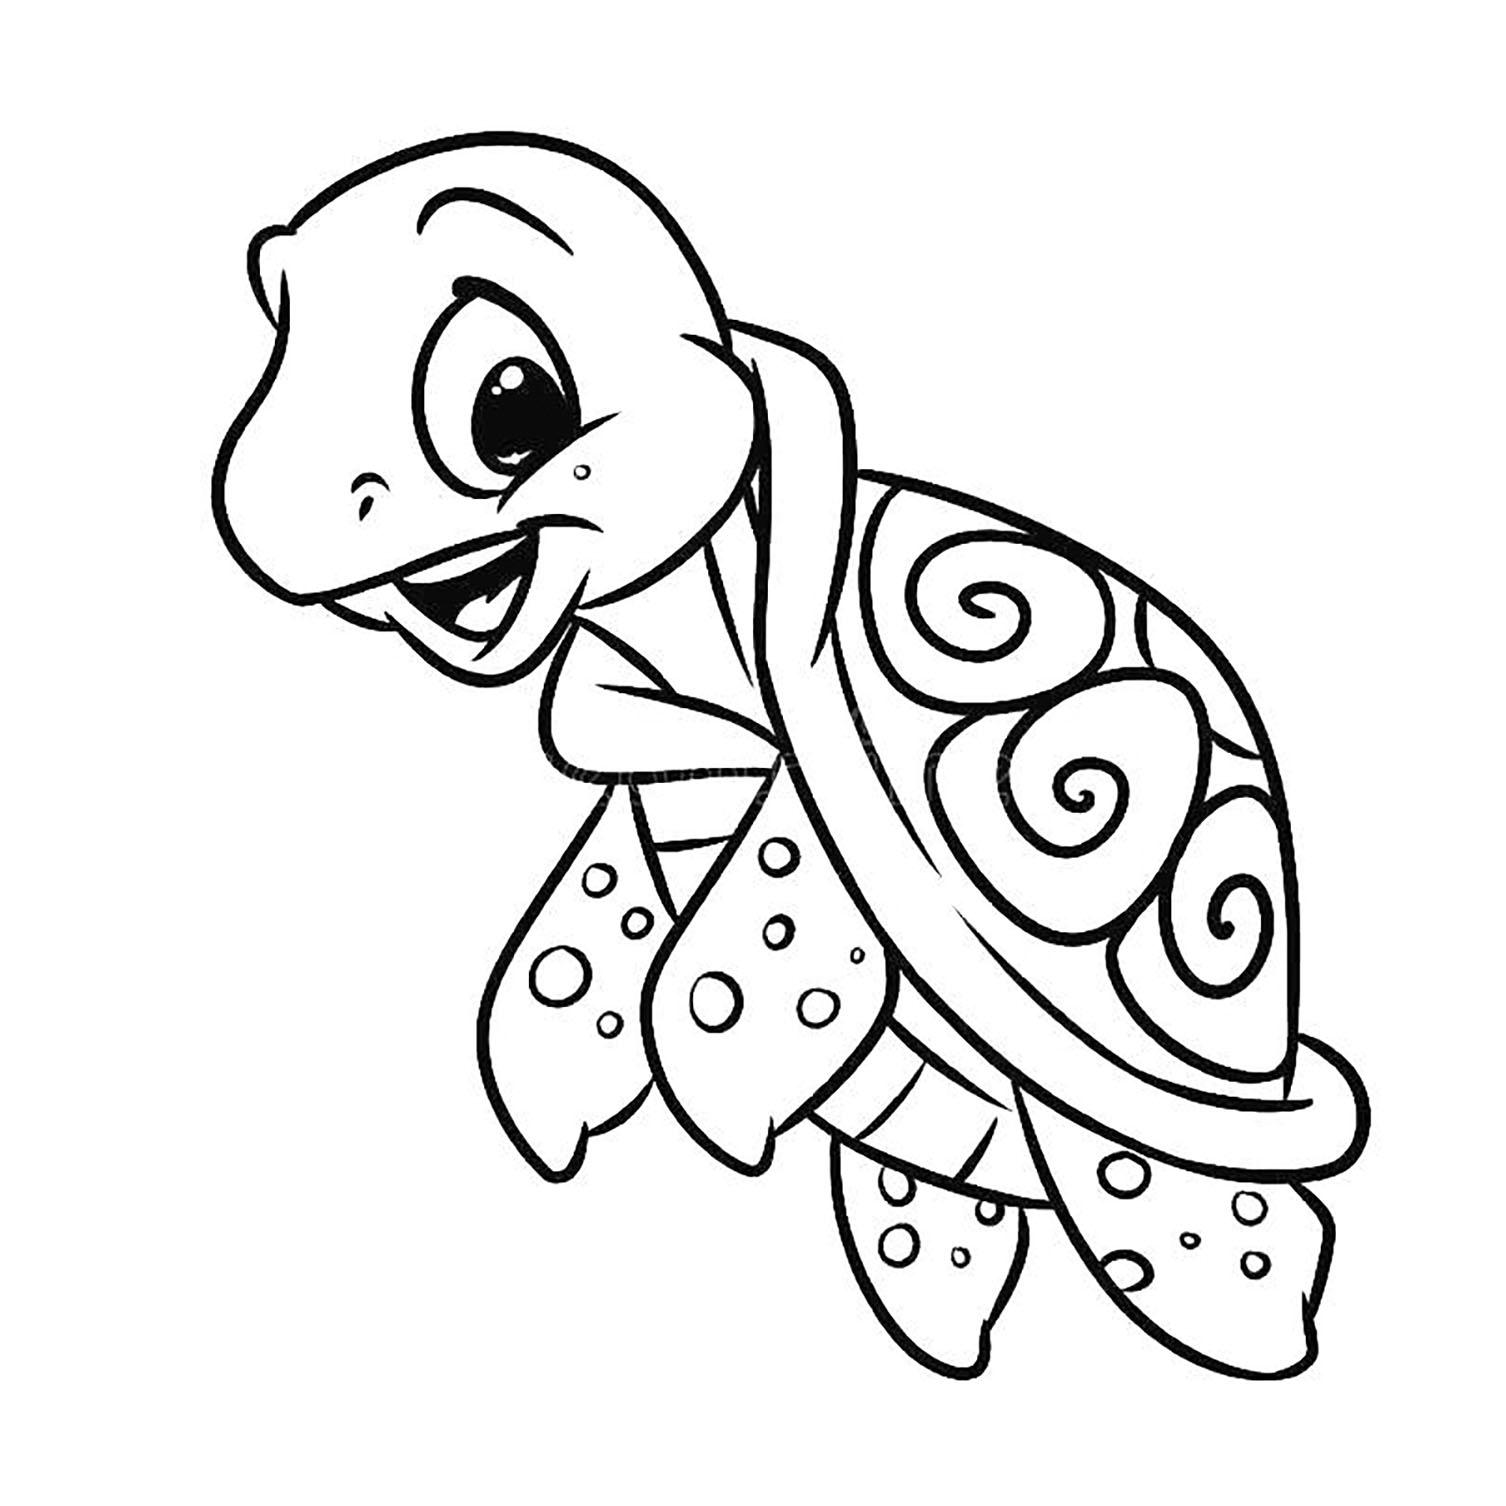 Image de tortue à télécharger et colorier - Coloriage de Tortues - Coloriages pour enfants